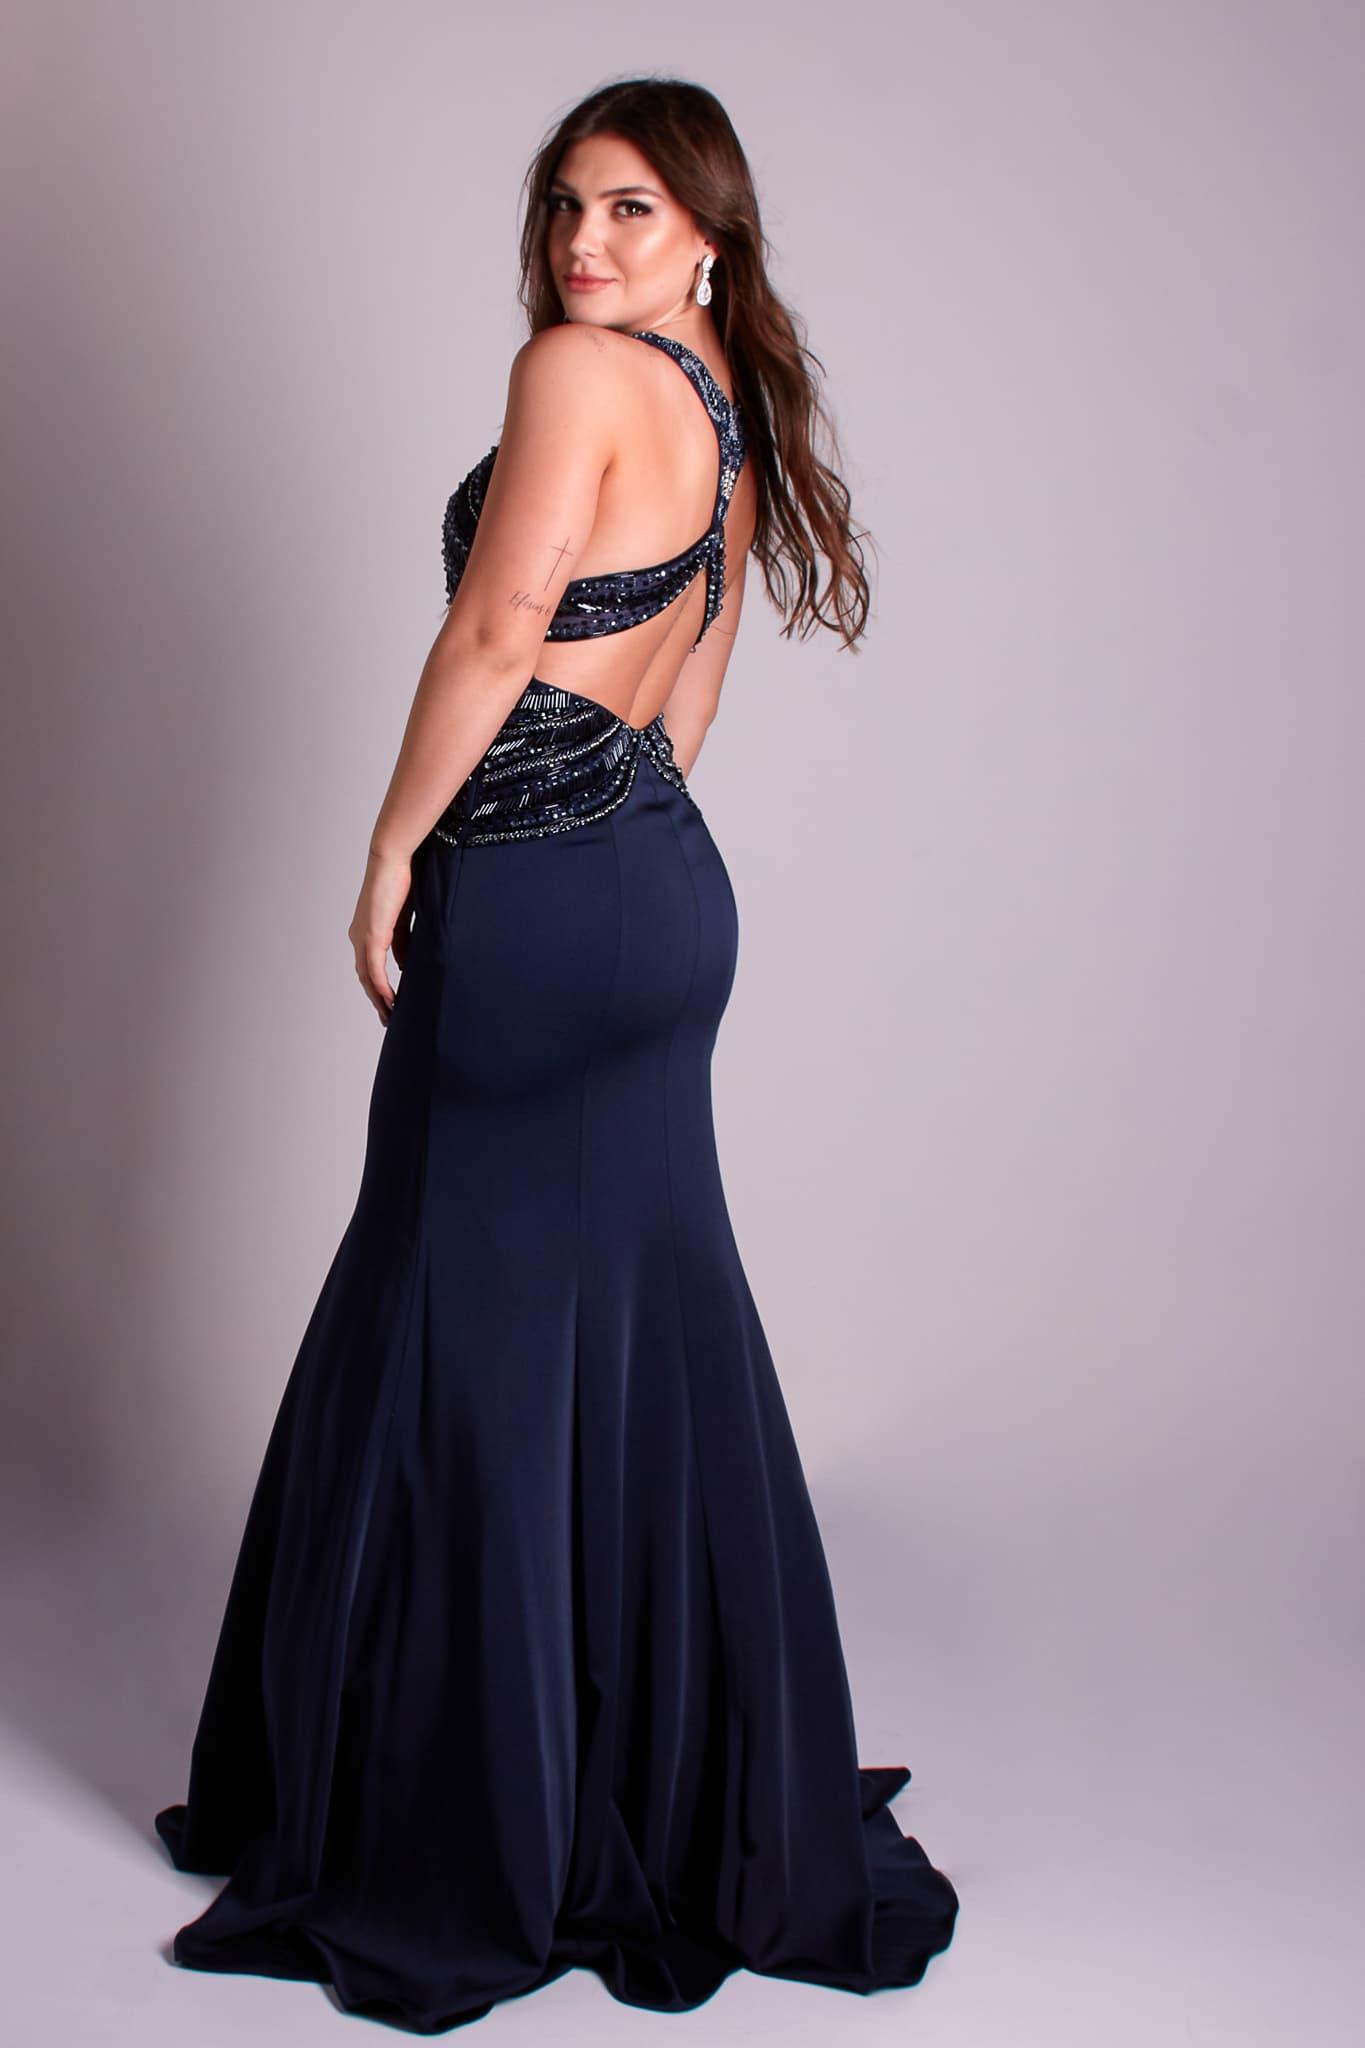 76 - vestido azul marinho sereia com decote nas costas